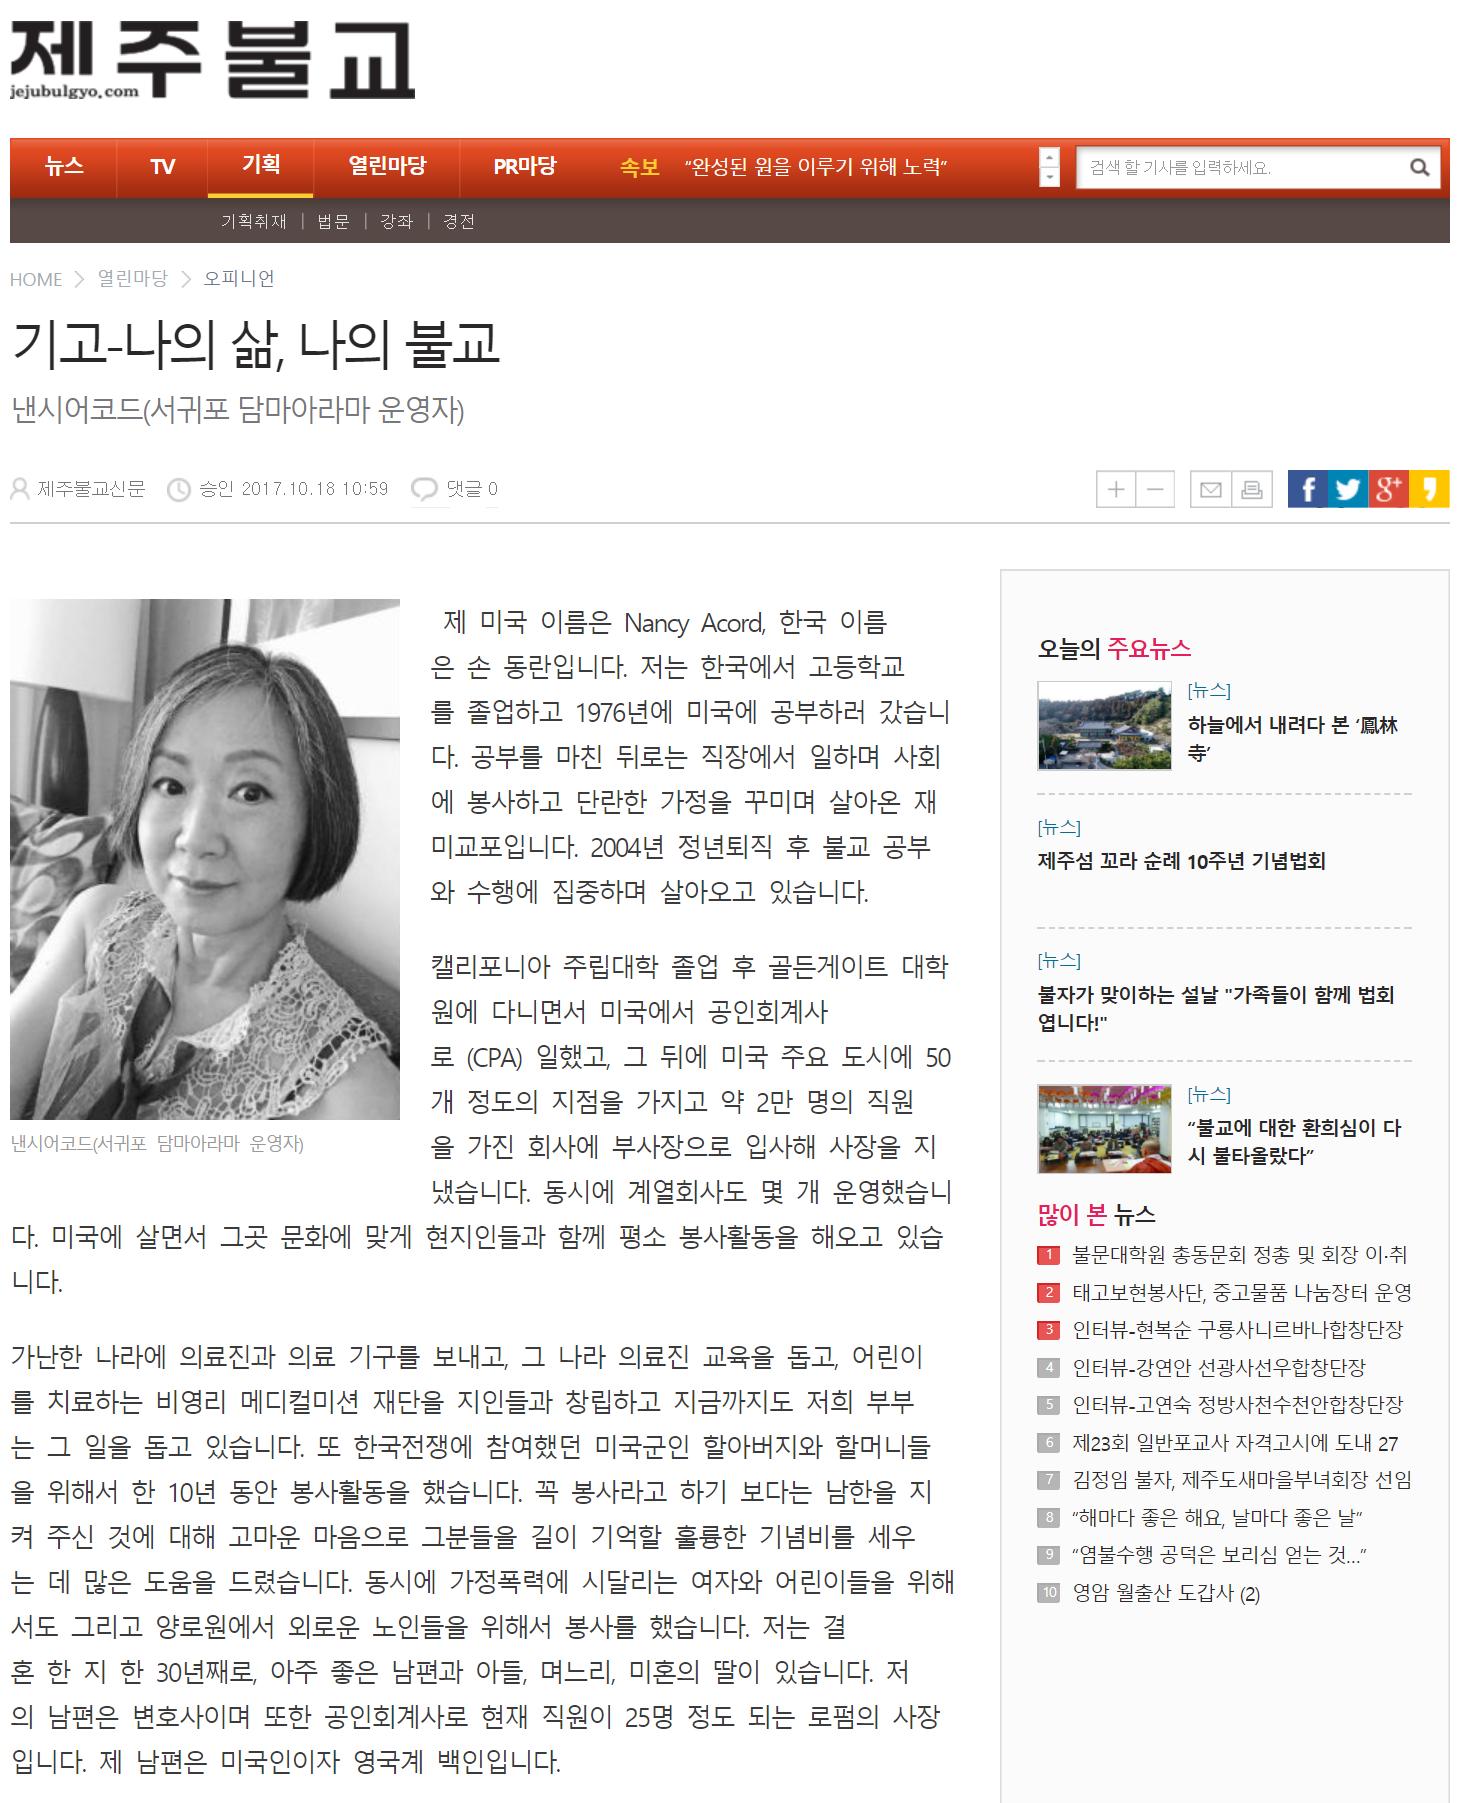 Capture-나의 삶 나의 불교.PNG